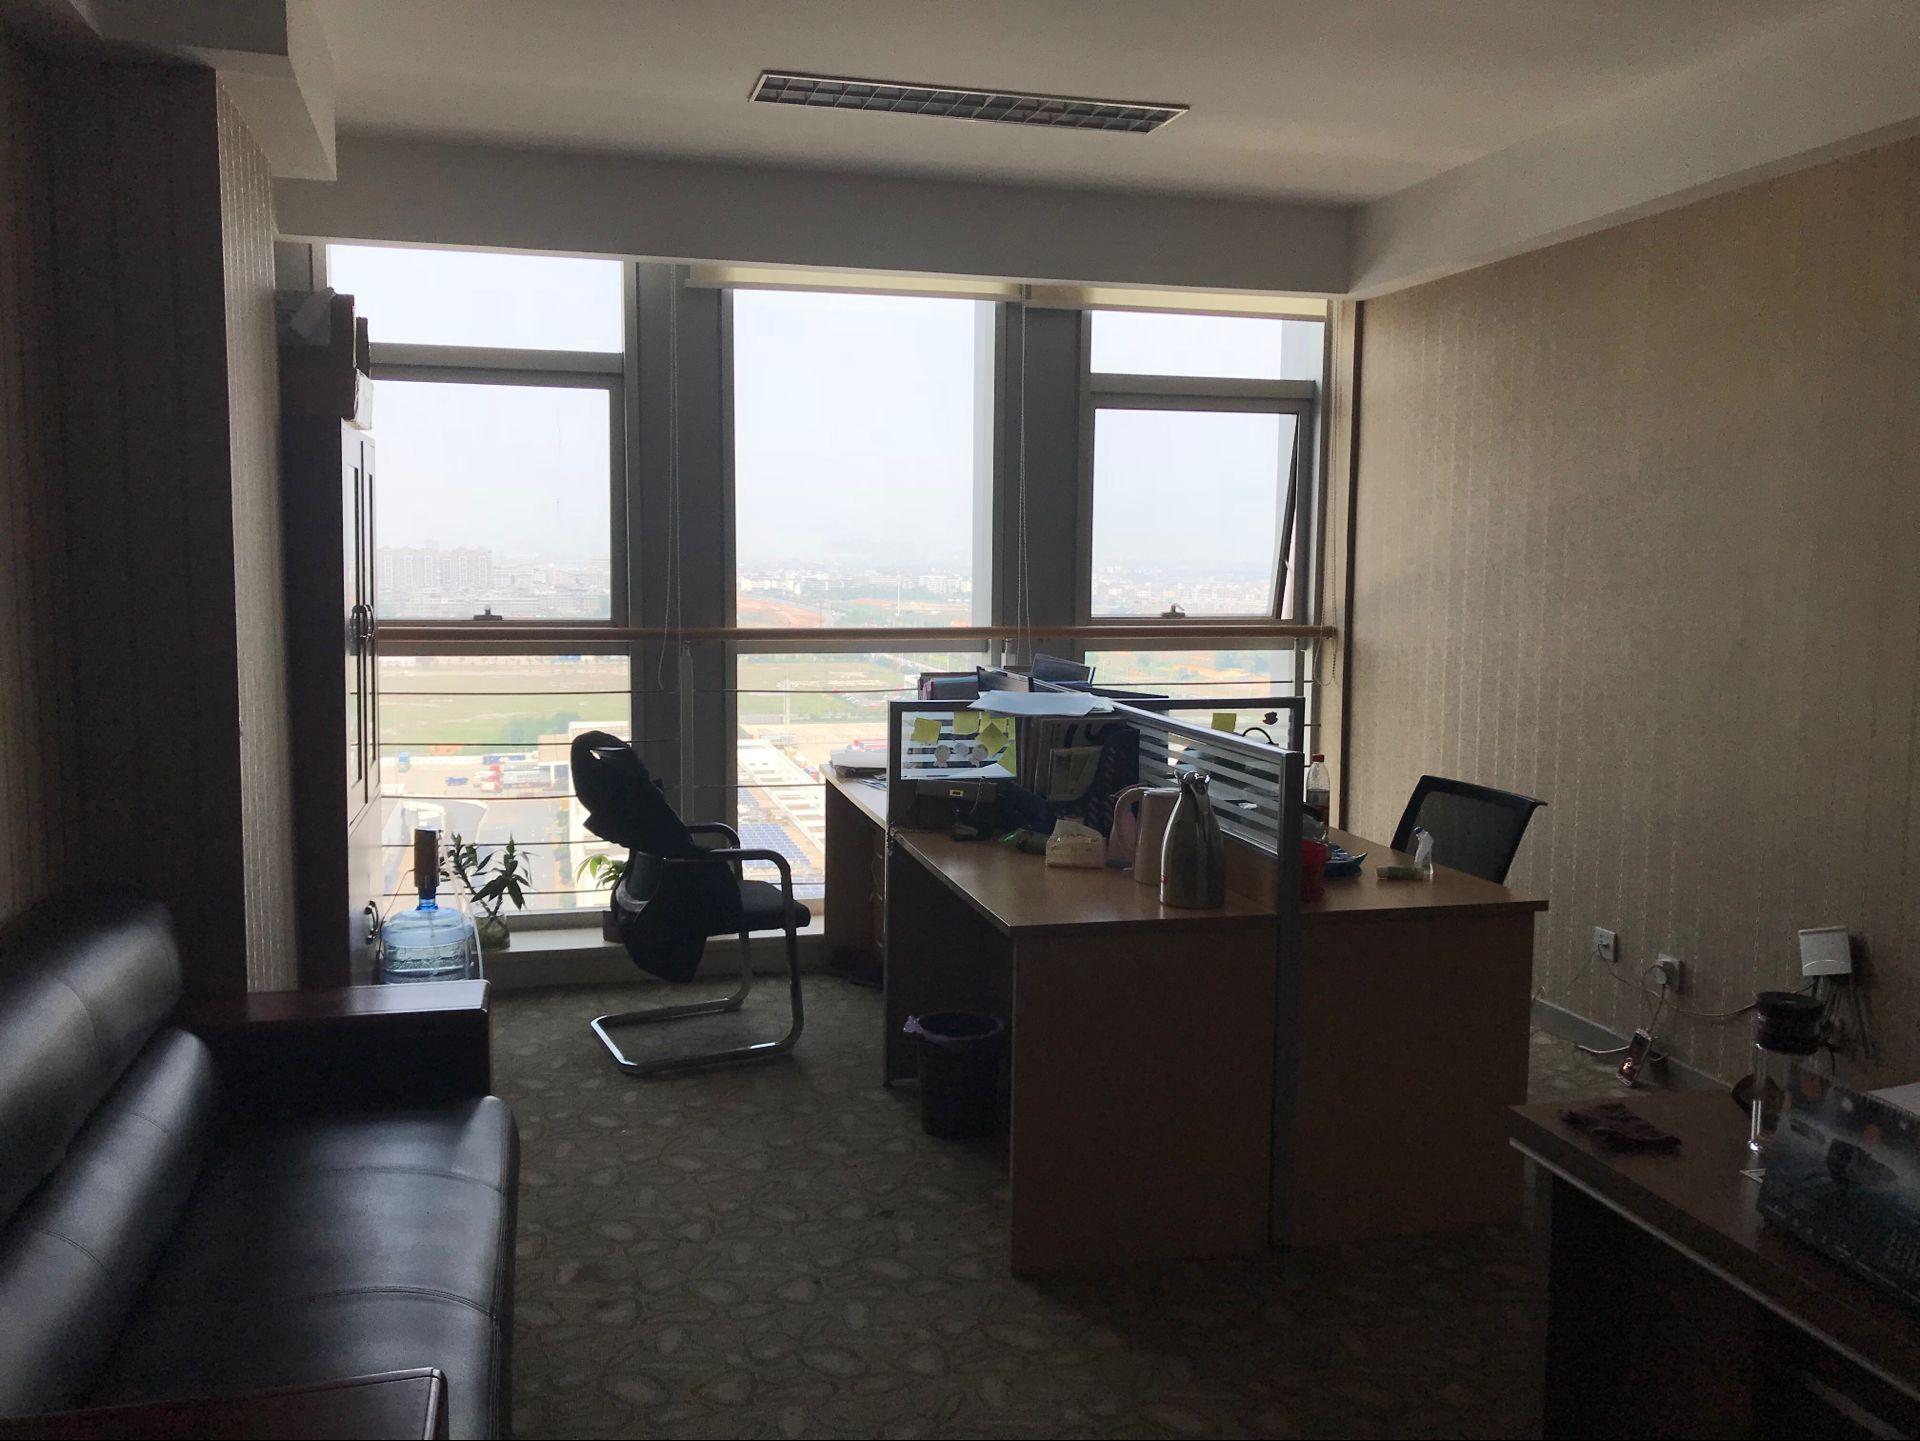 义乌港商务写字楼